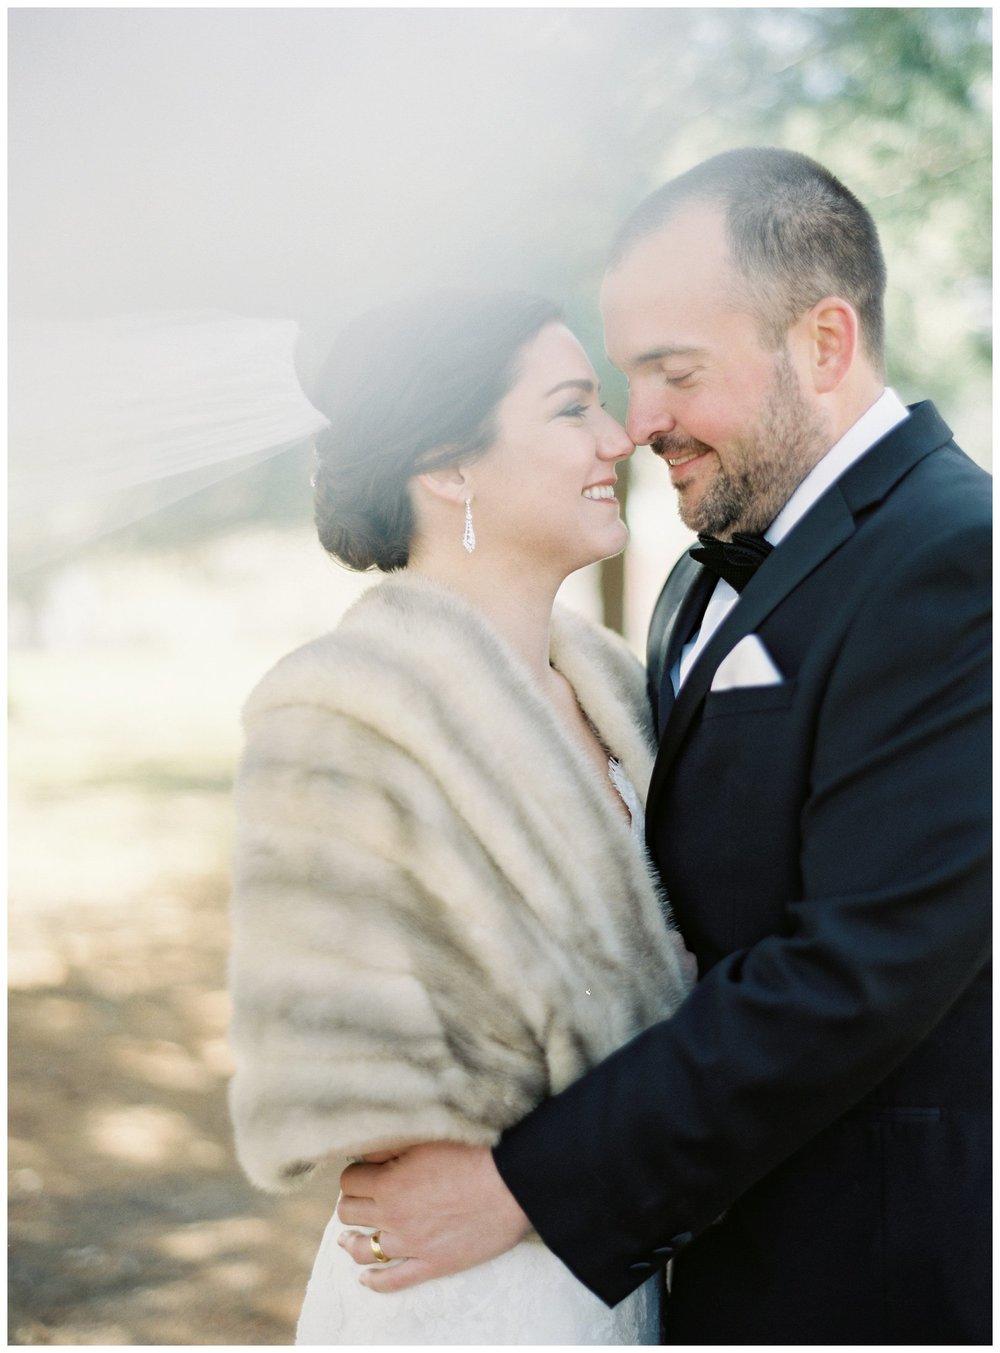 lauren muckler photography_fine art film wedding photography_st louis_photography_1398.jpg